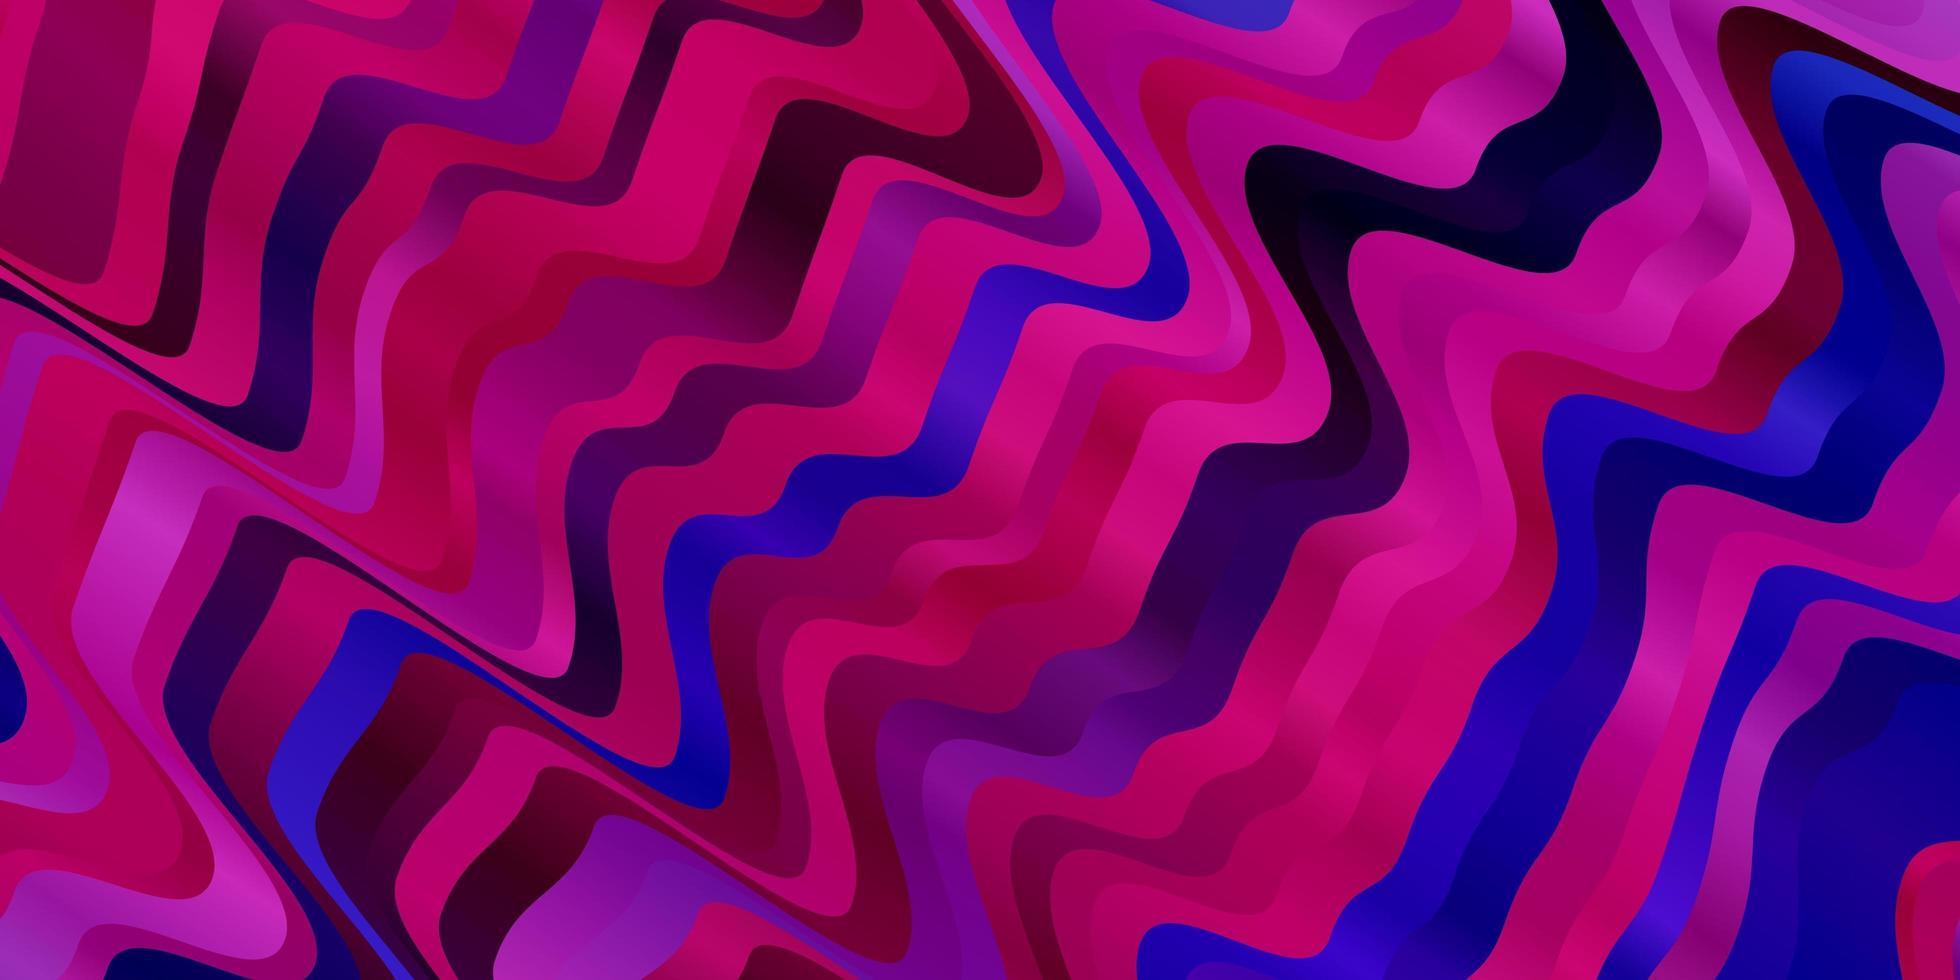 donkerroze, blauw vectorpatroon met gebogen lijnen. vector